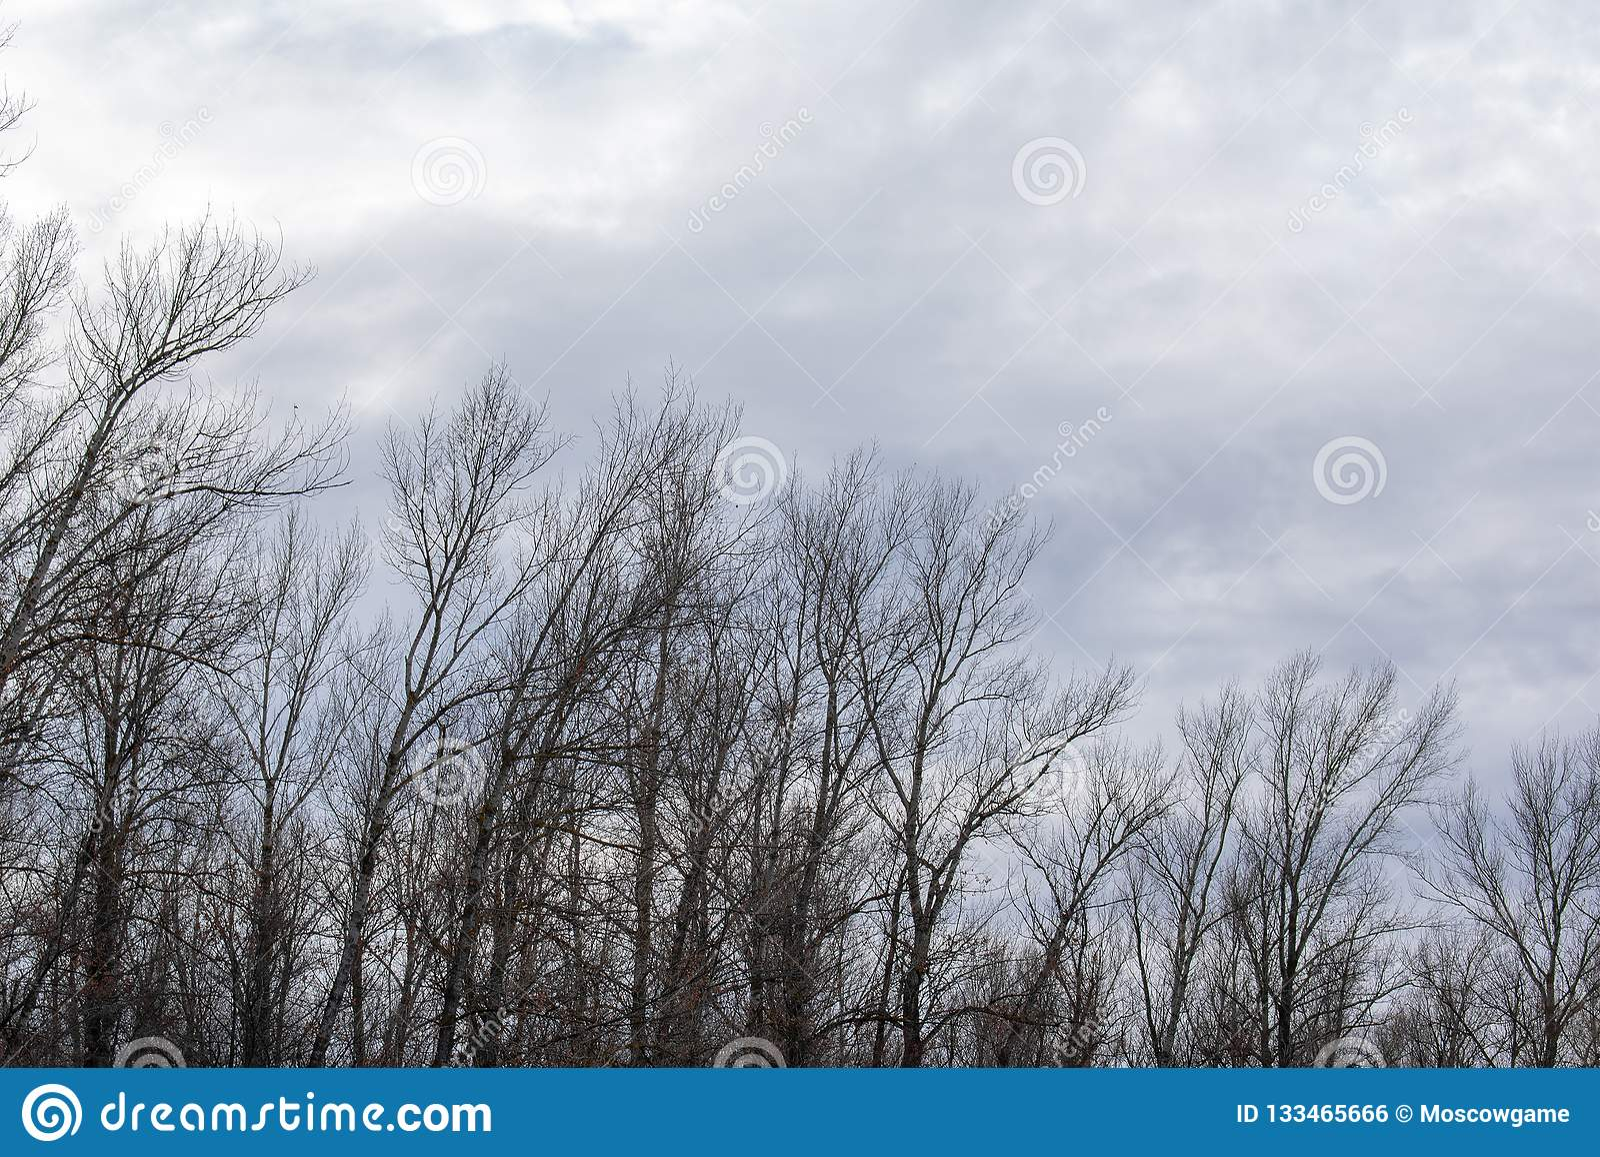 Σκιαγραφία ενός δέντρου ενάντια σε έναν ουρανό